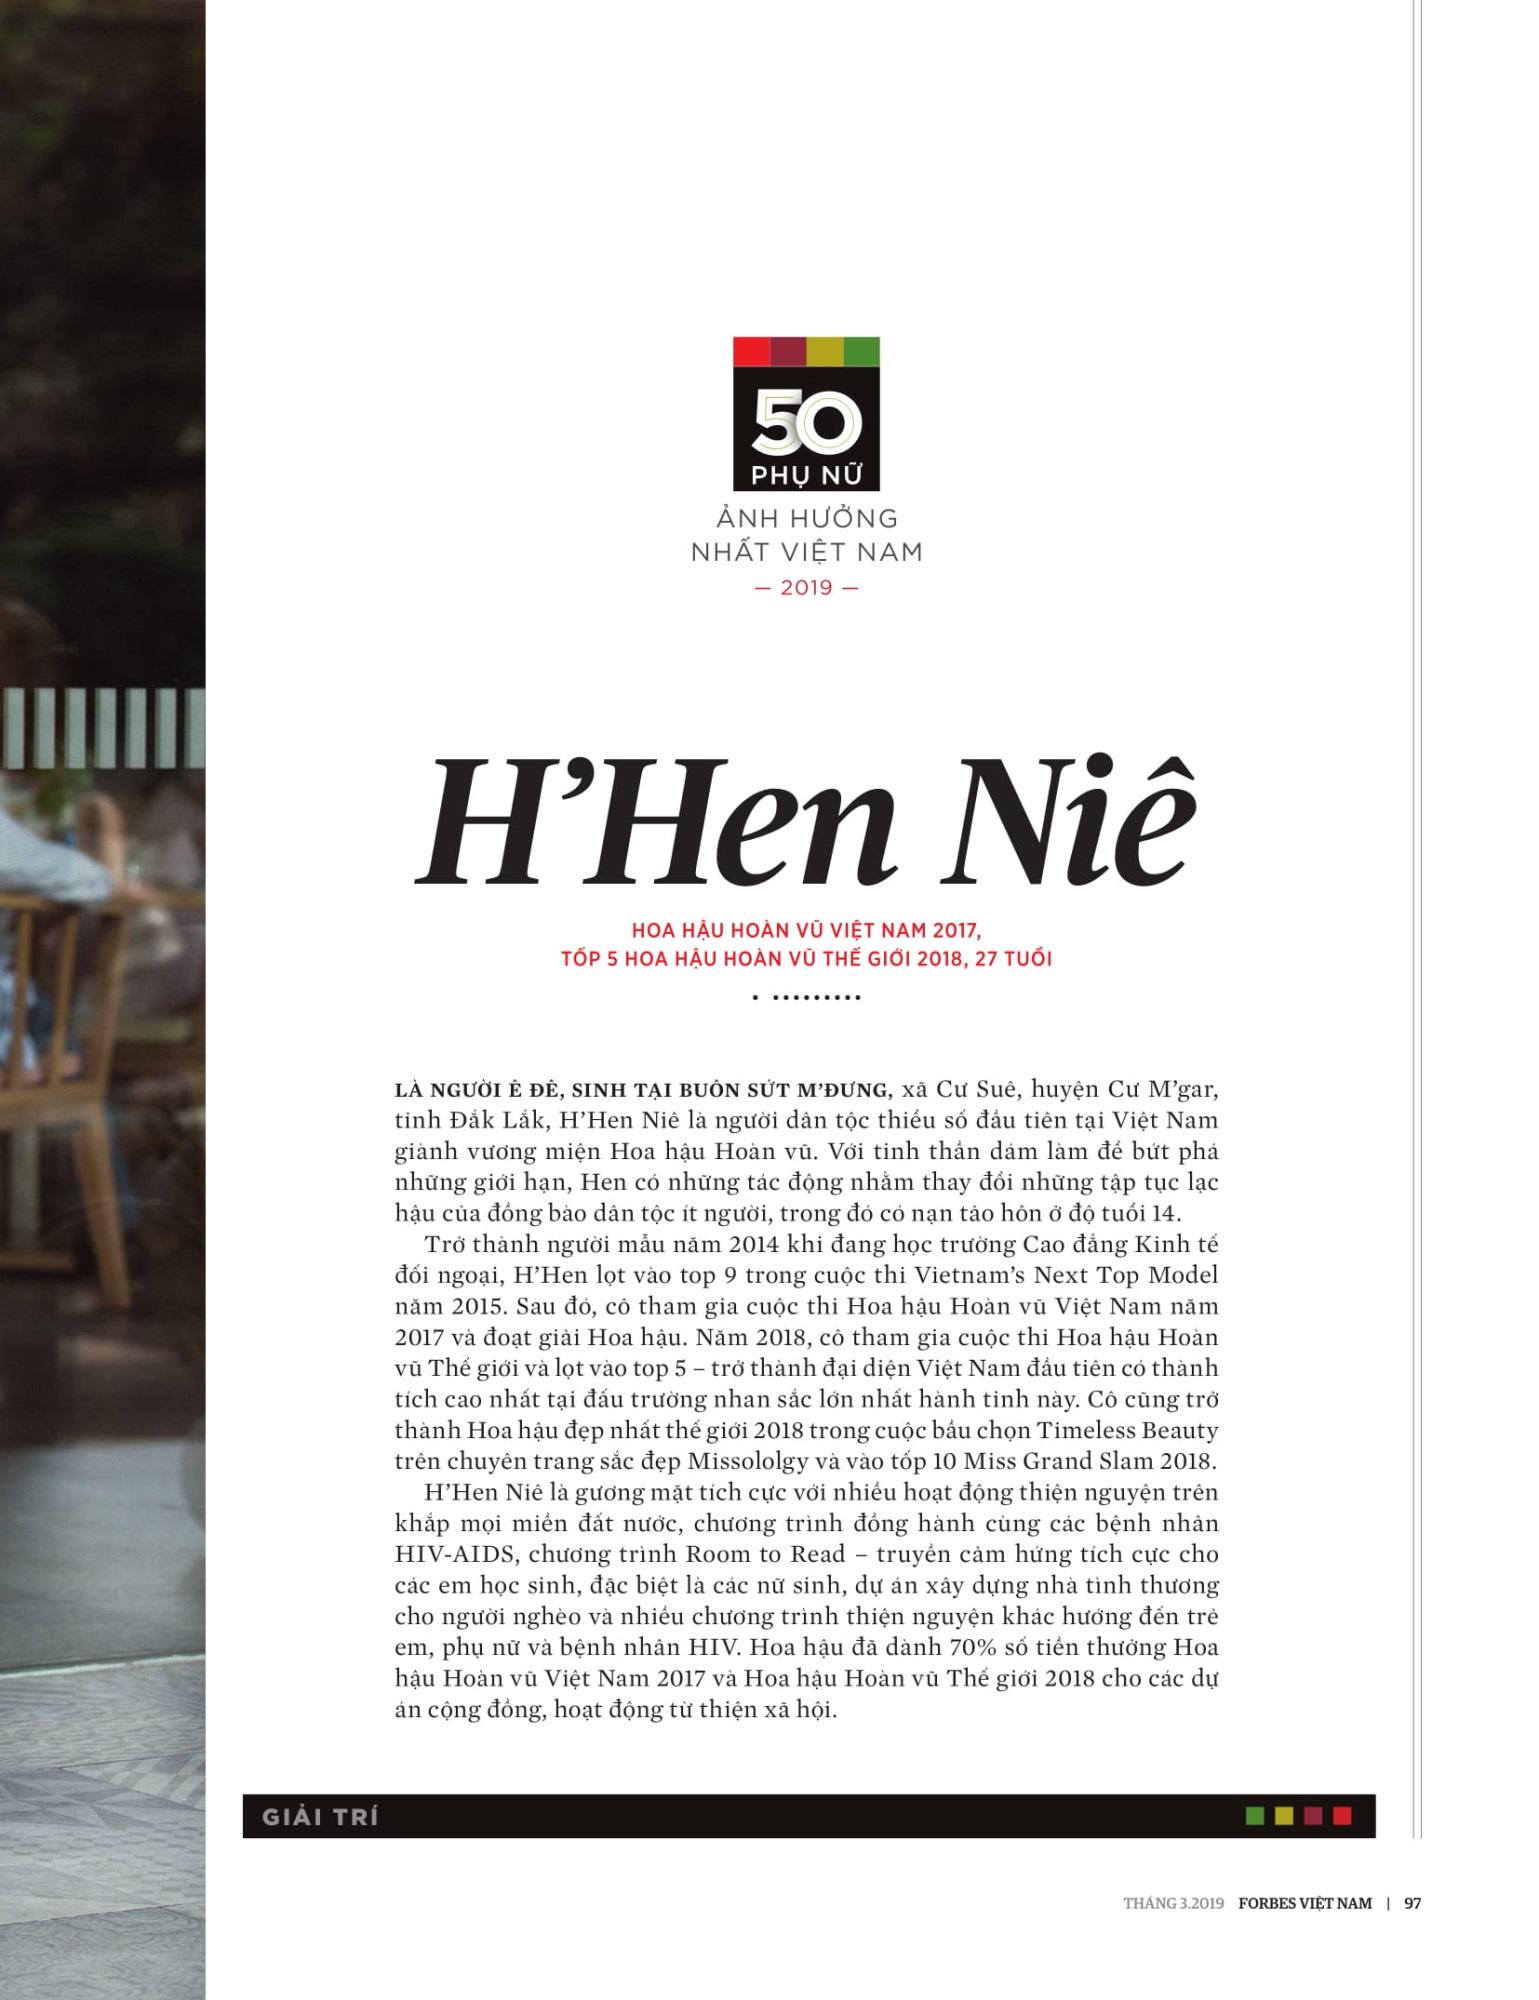 H'Hen Niê được vinh danh trong top 50 phụ nữ ảnh hưởng nhất VN 2019 - Ảnh 2